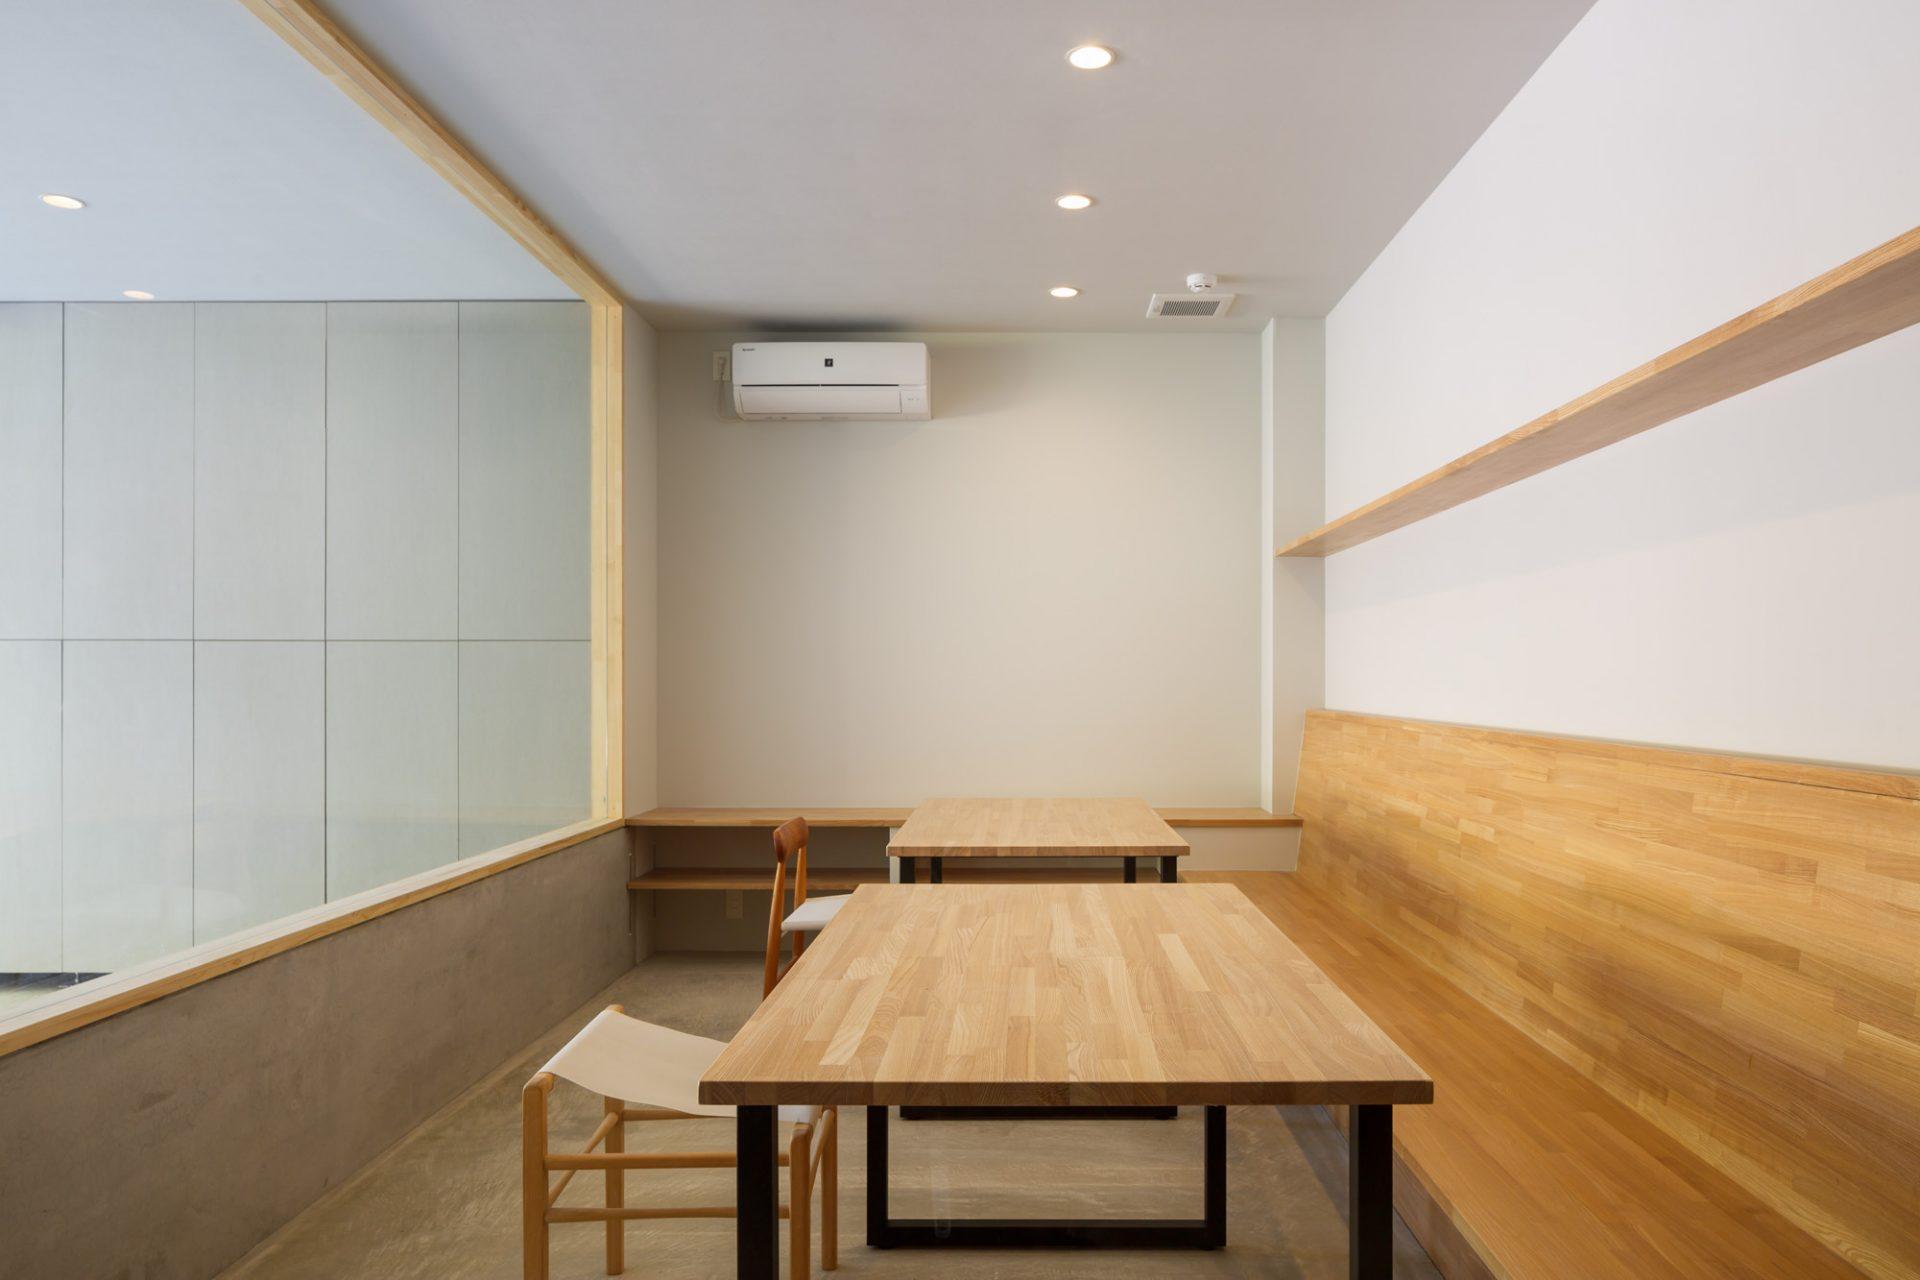 大阪 中西プラスチック株式会社のギャラリー兼ミーティングスペース03